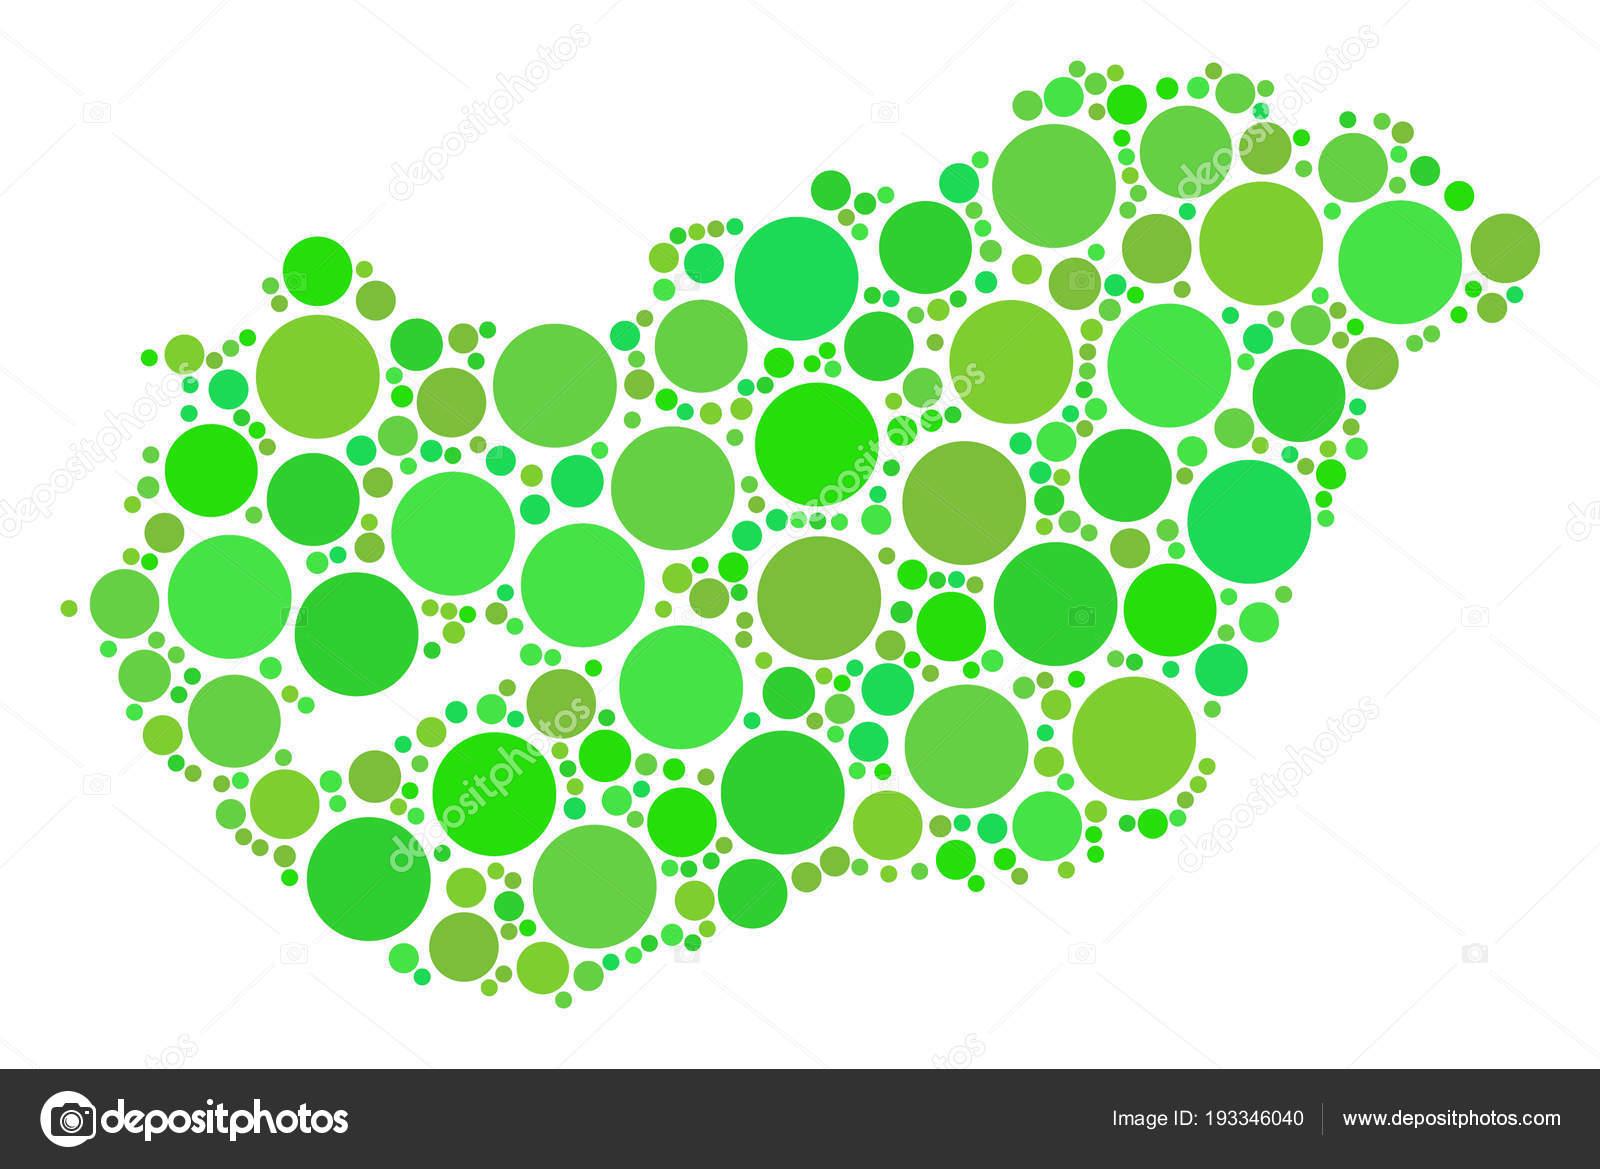 friss magyarország térkép Magyarország Térkép mozaik pontok — Stock Vektor © ahasoft #193346040 friss magyarország térkép